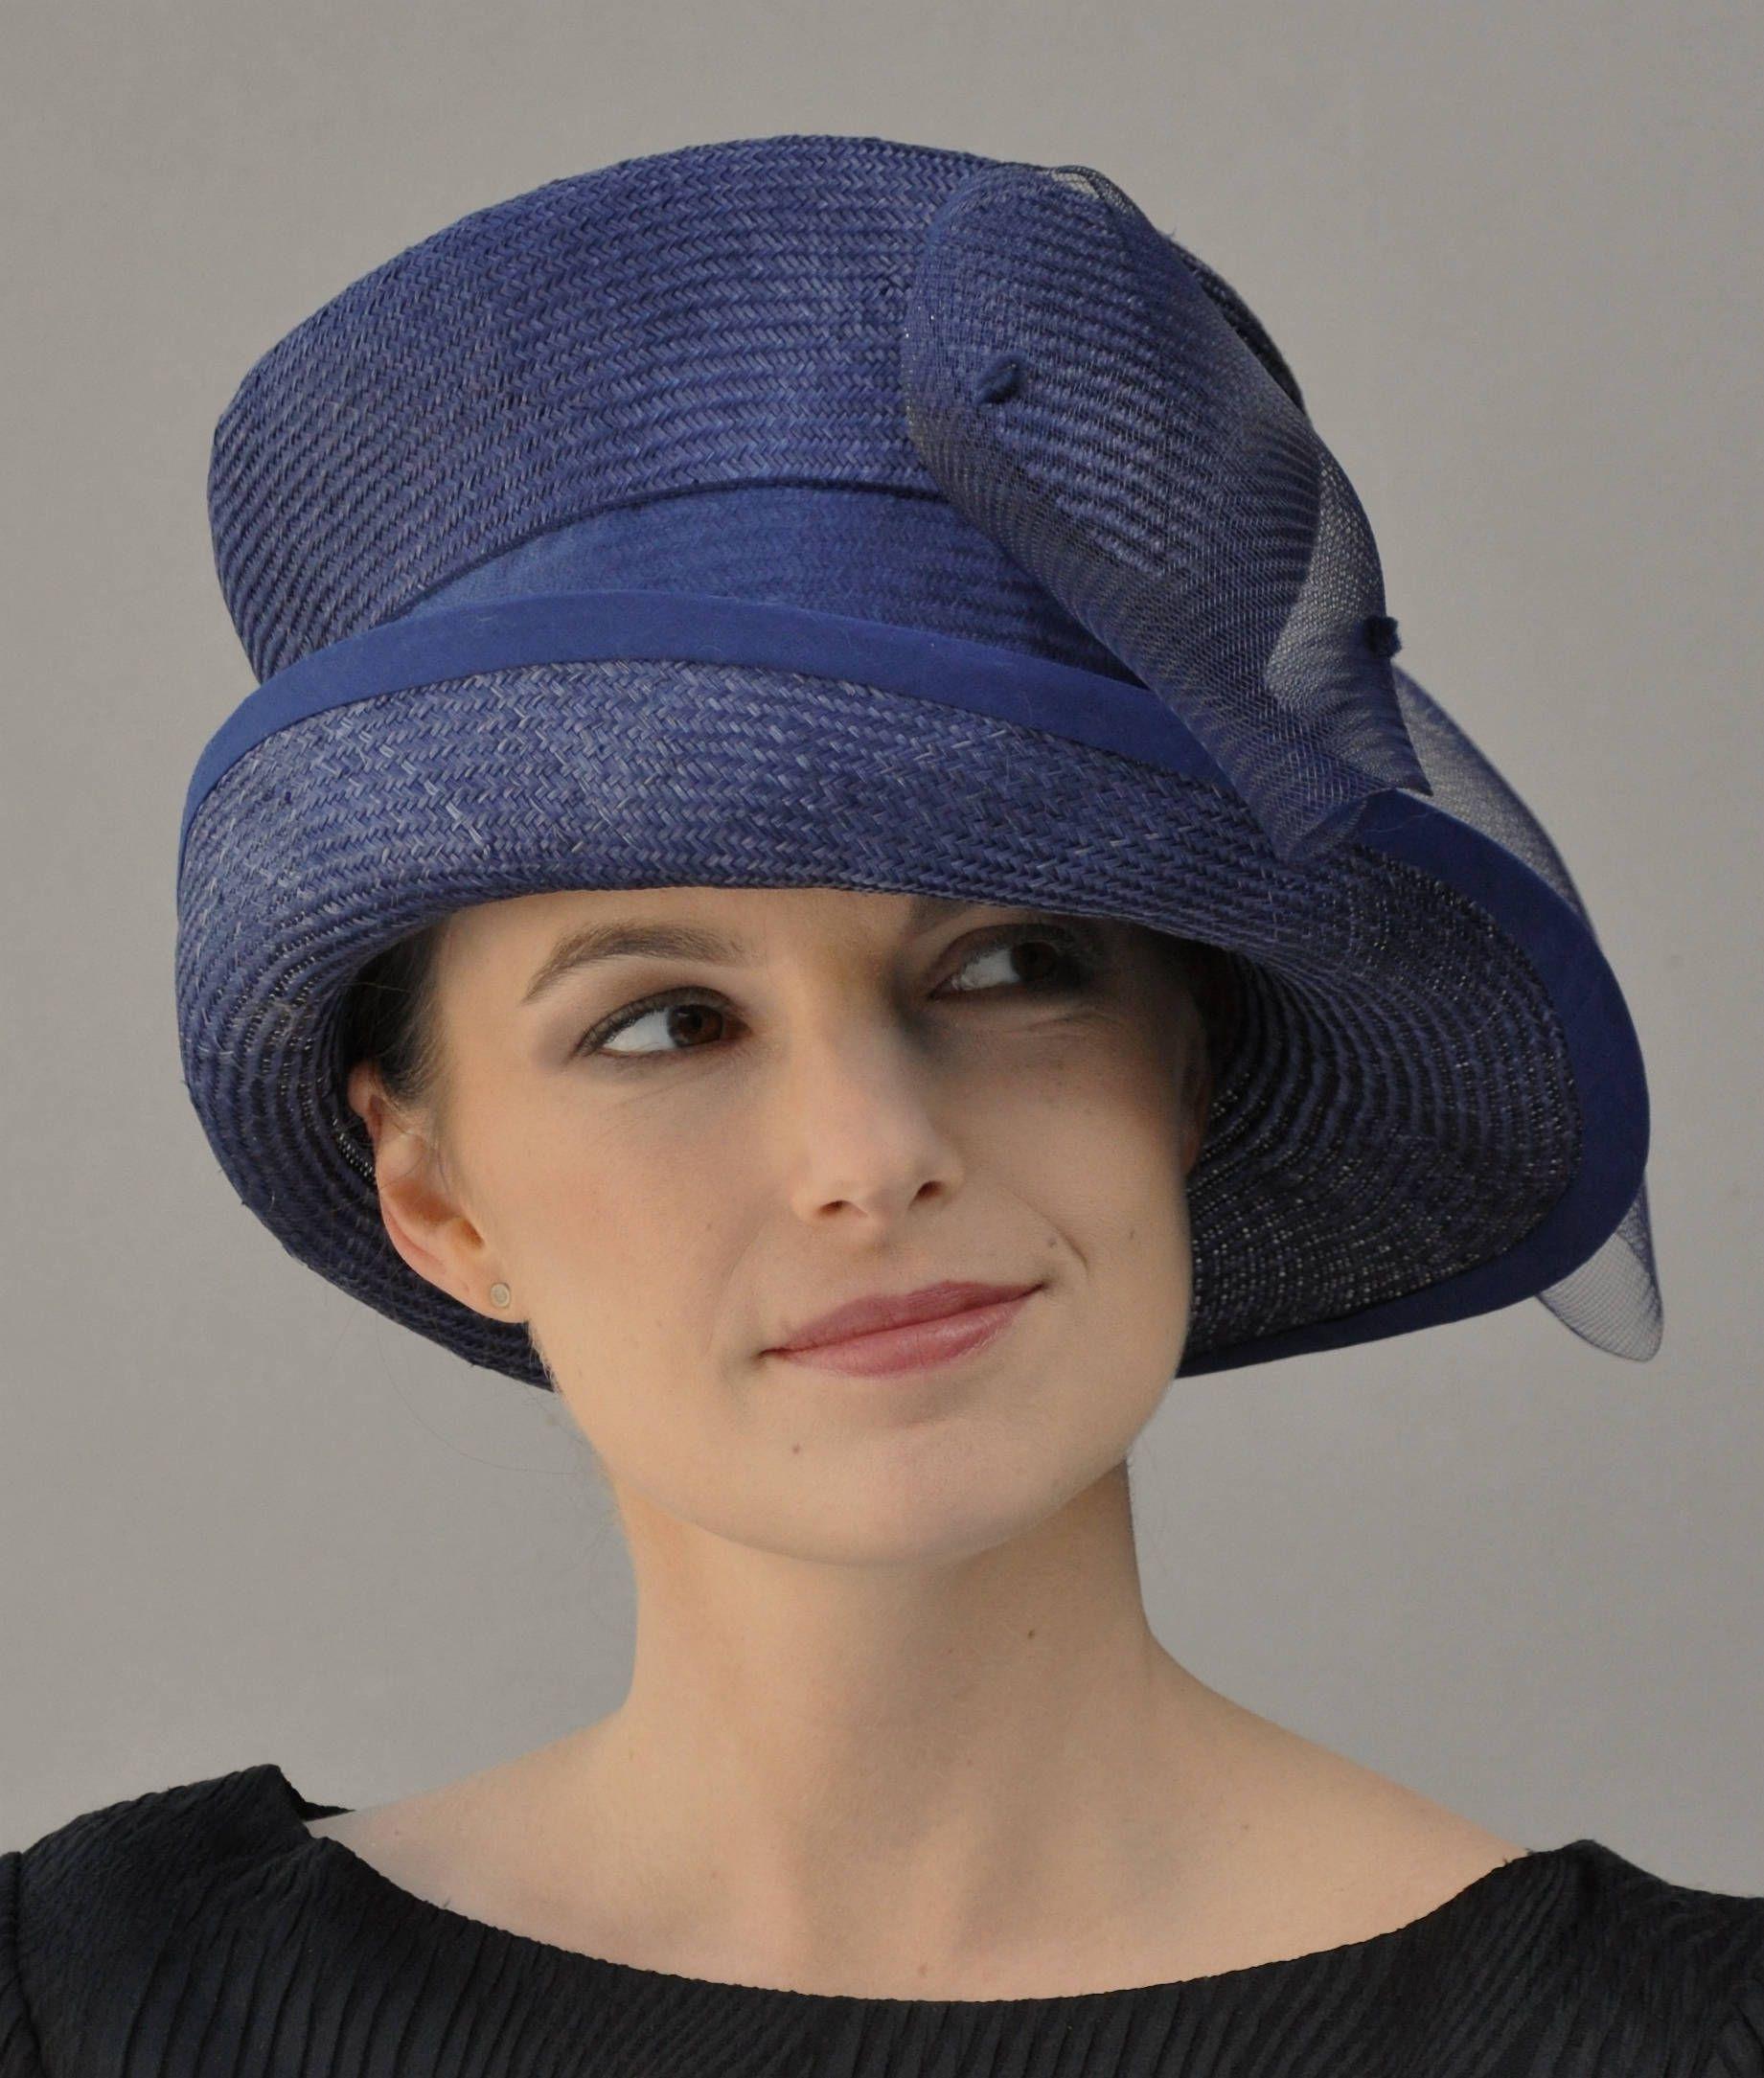 42cd4370a Wedding hat, Women's Navy Hat, Formal Navy Hat, Church Hat, Derby ...